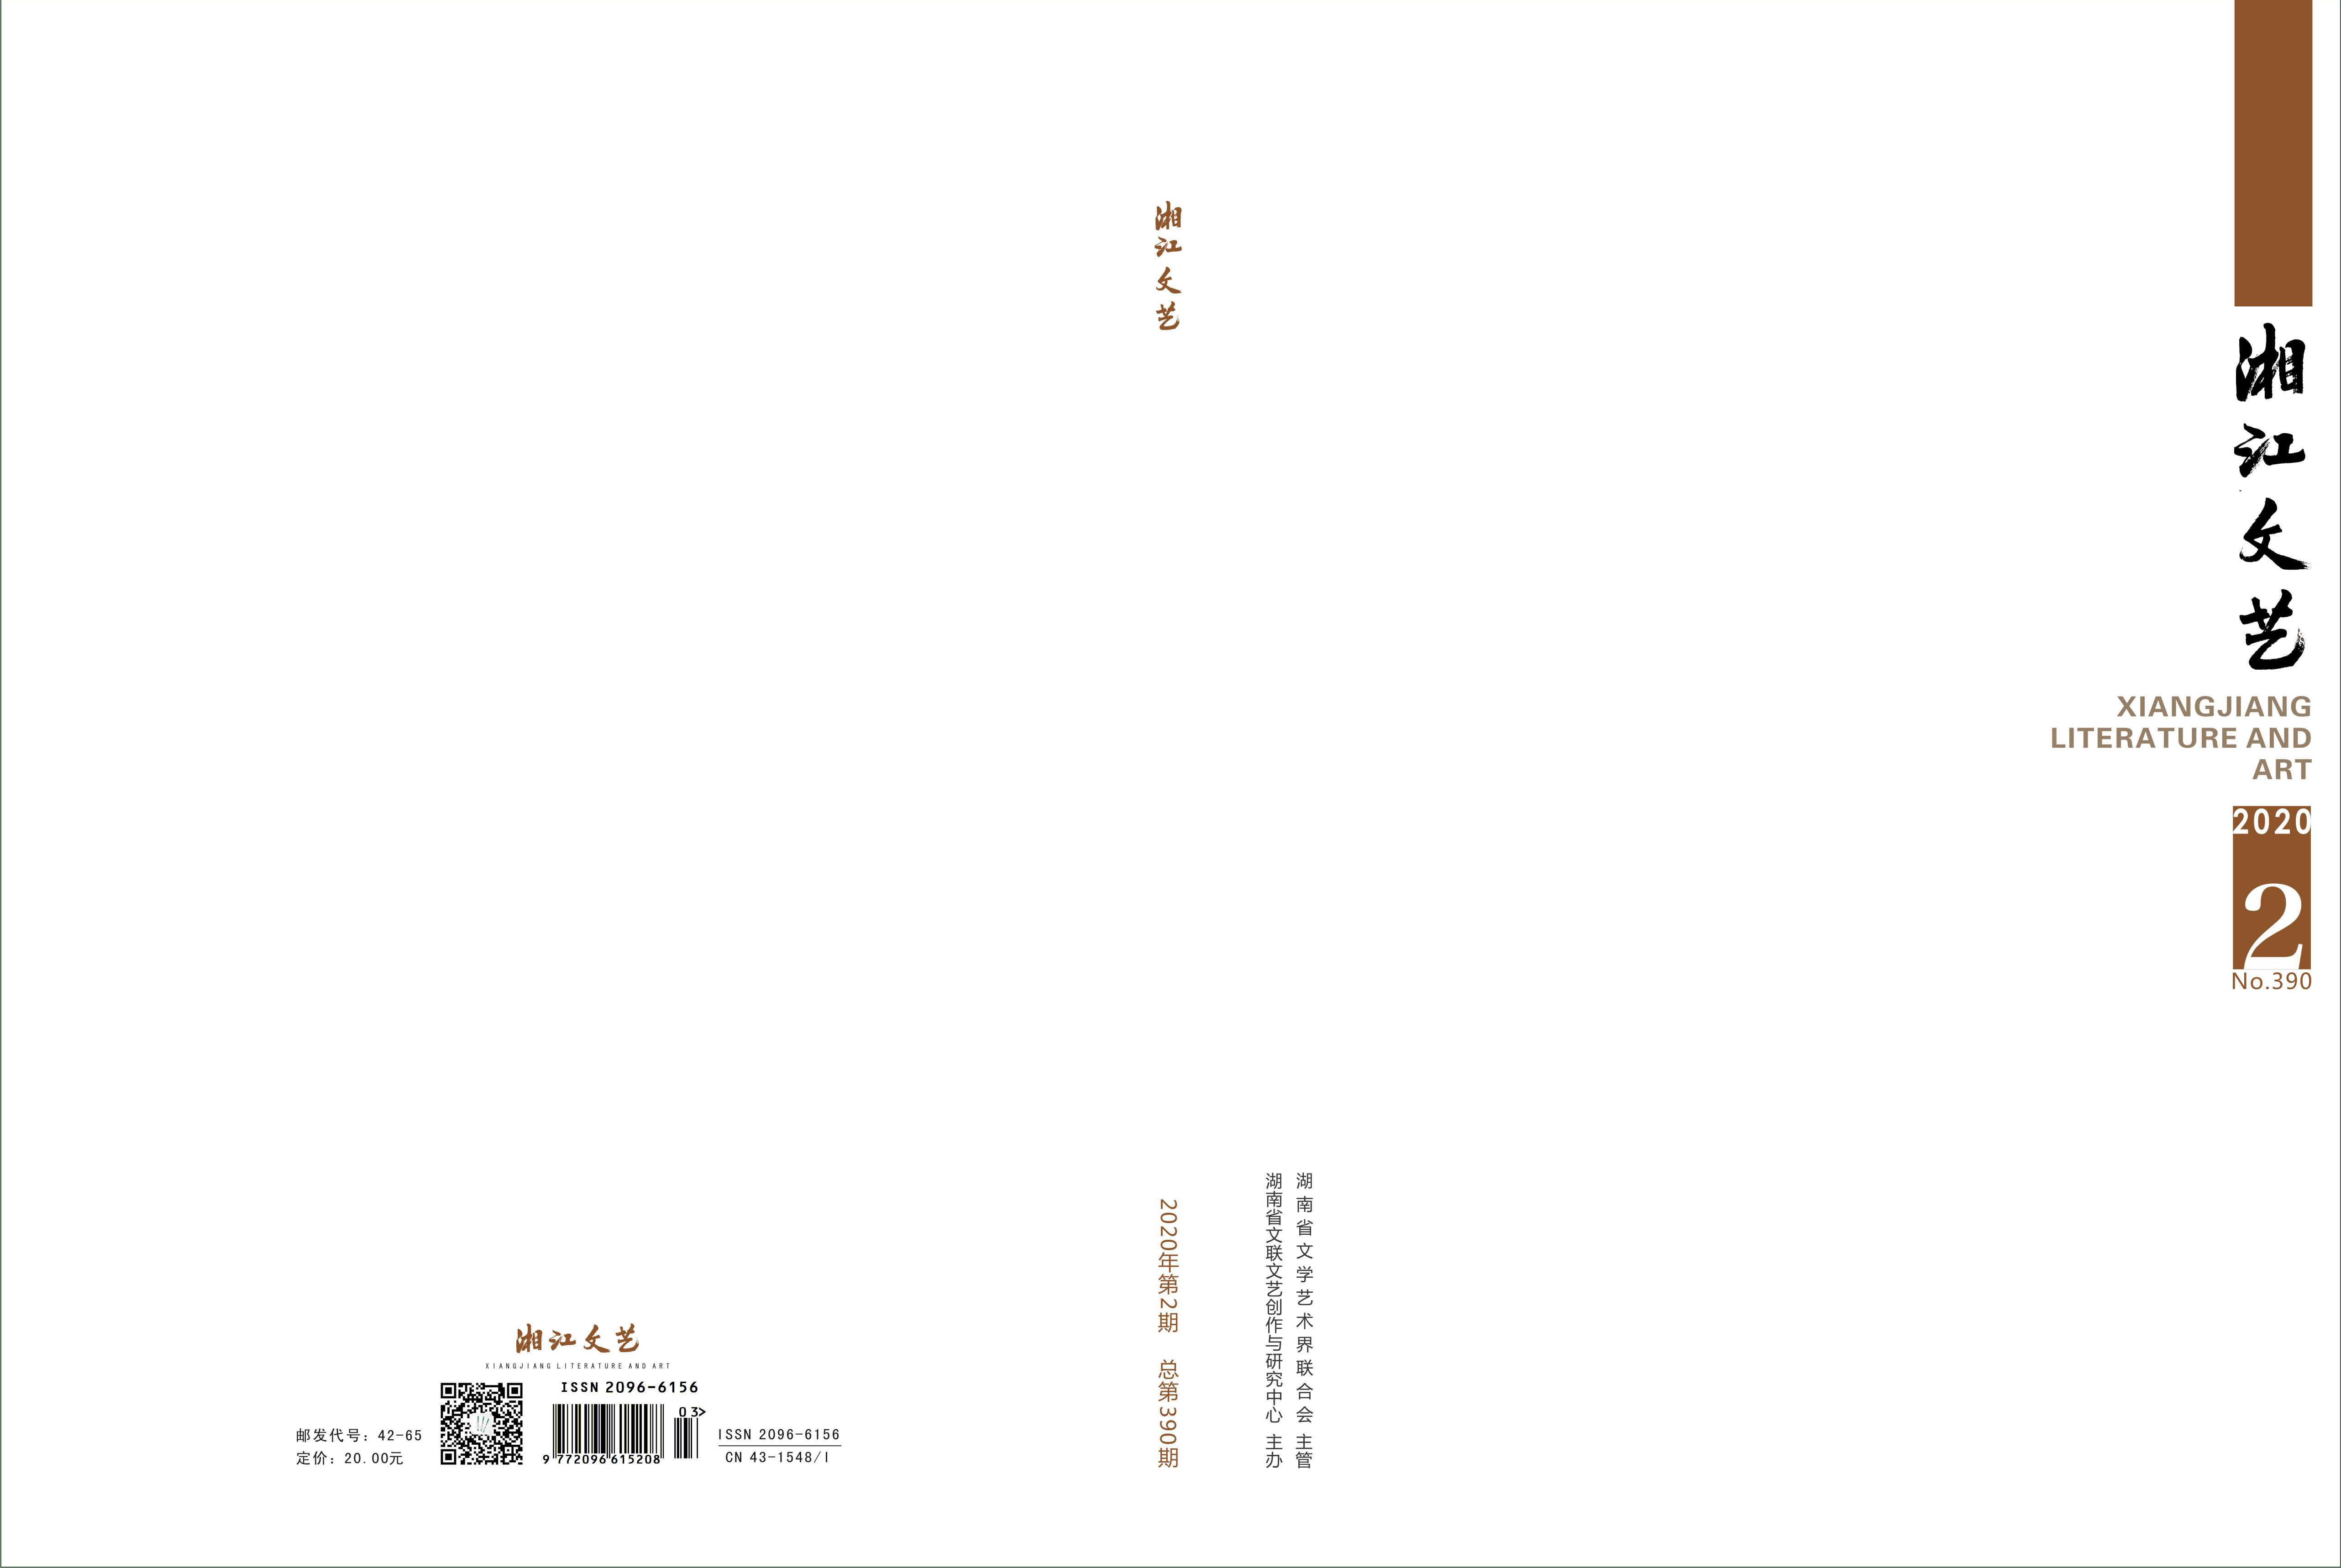 2020年 2 期  湘江文艺  封面390.jpg